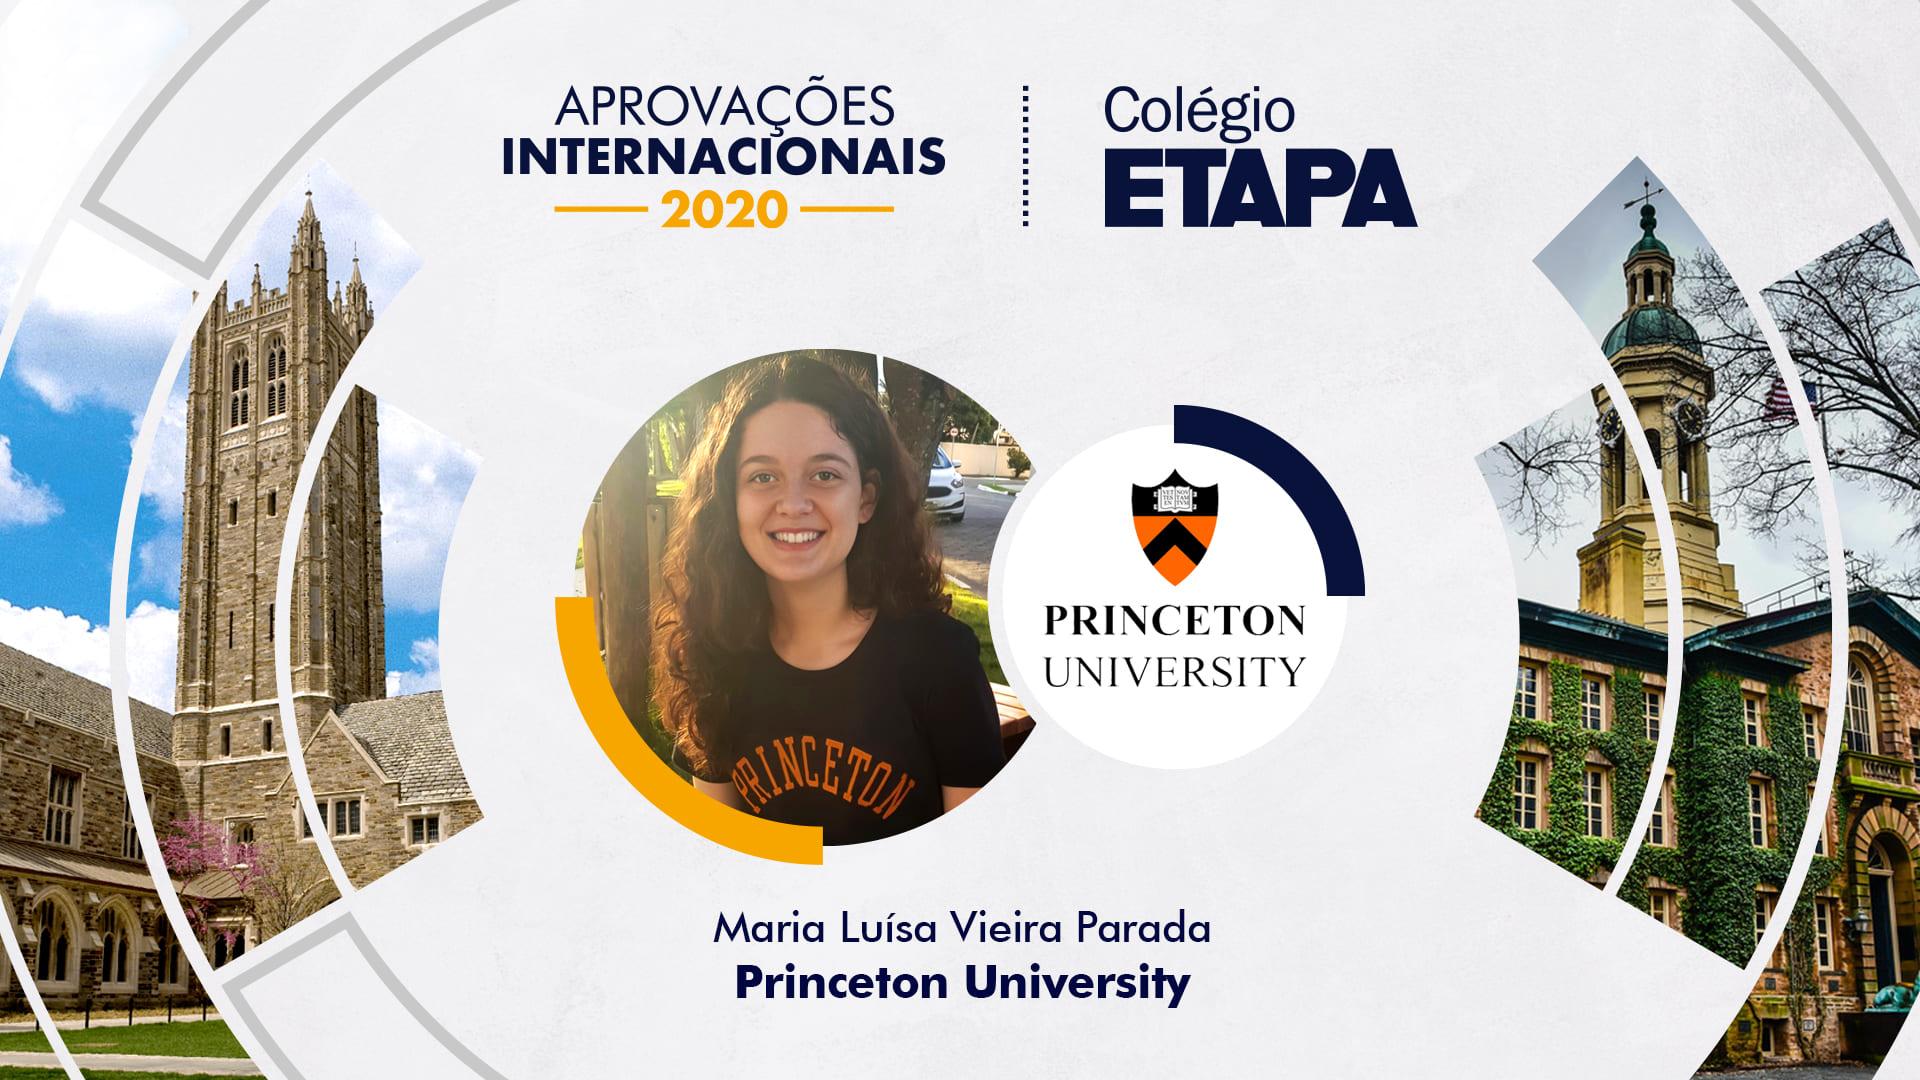 Maria Luísa Vieira Parada foi aprovada em Purdue University e na Princeton University, onde escolheu estudar.